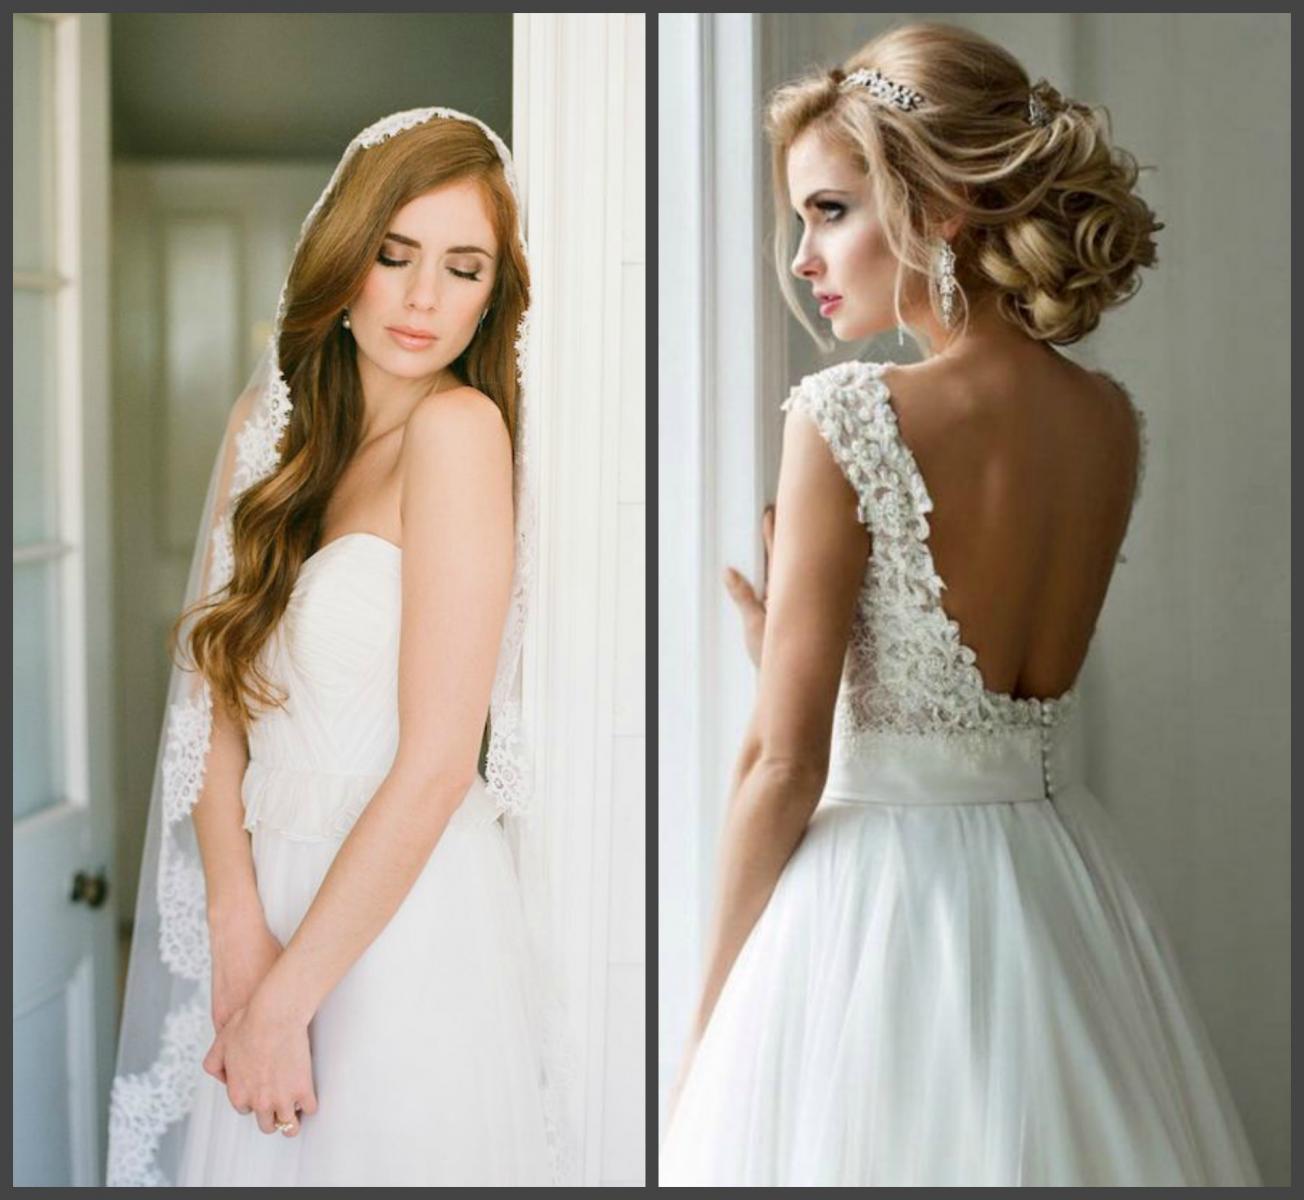 Прически невесты с аксессуарами